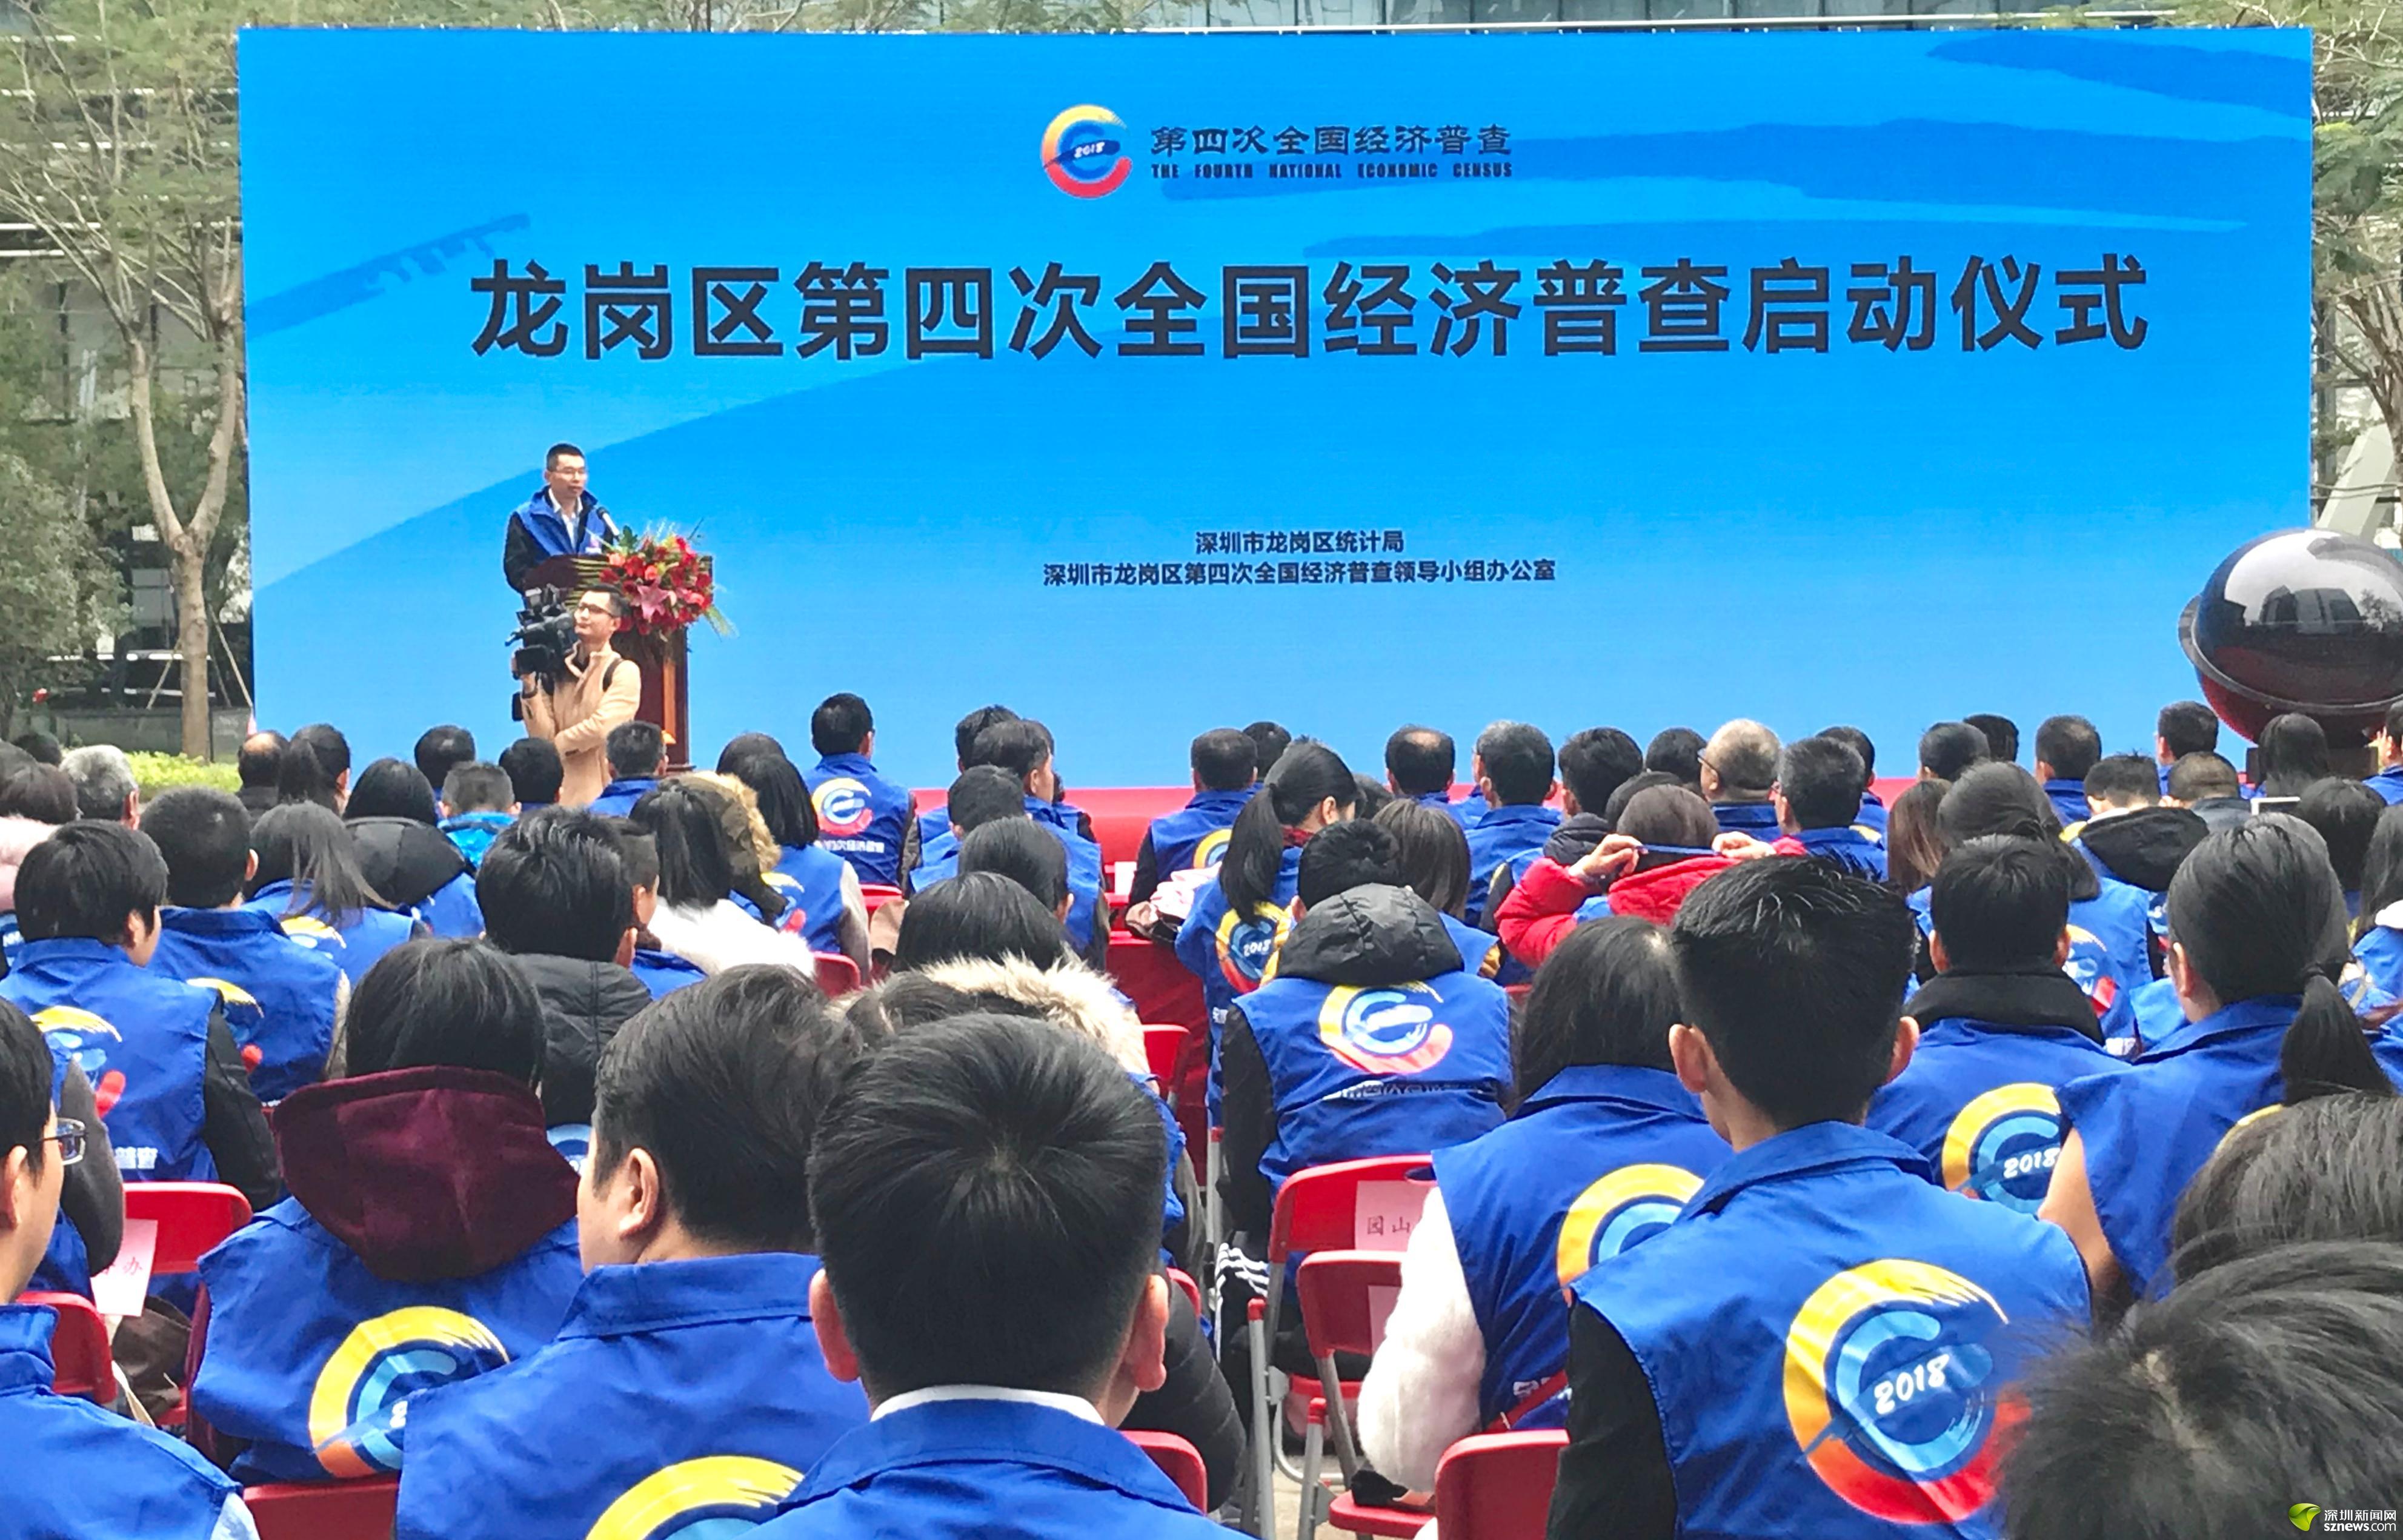 2019年經濟普查_支持經濟普查,發展國家經濟